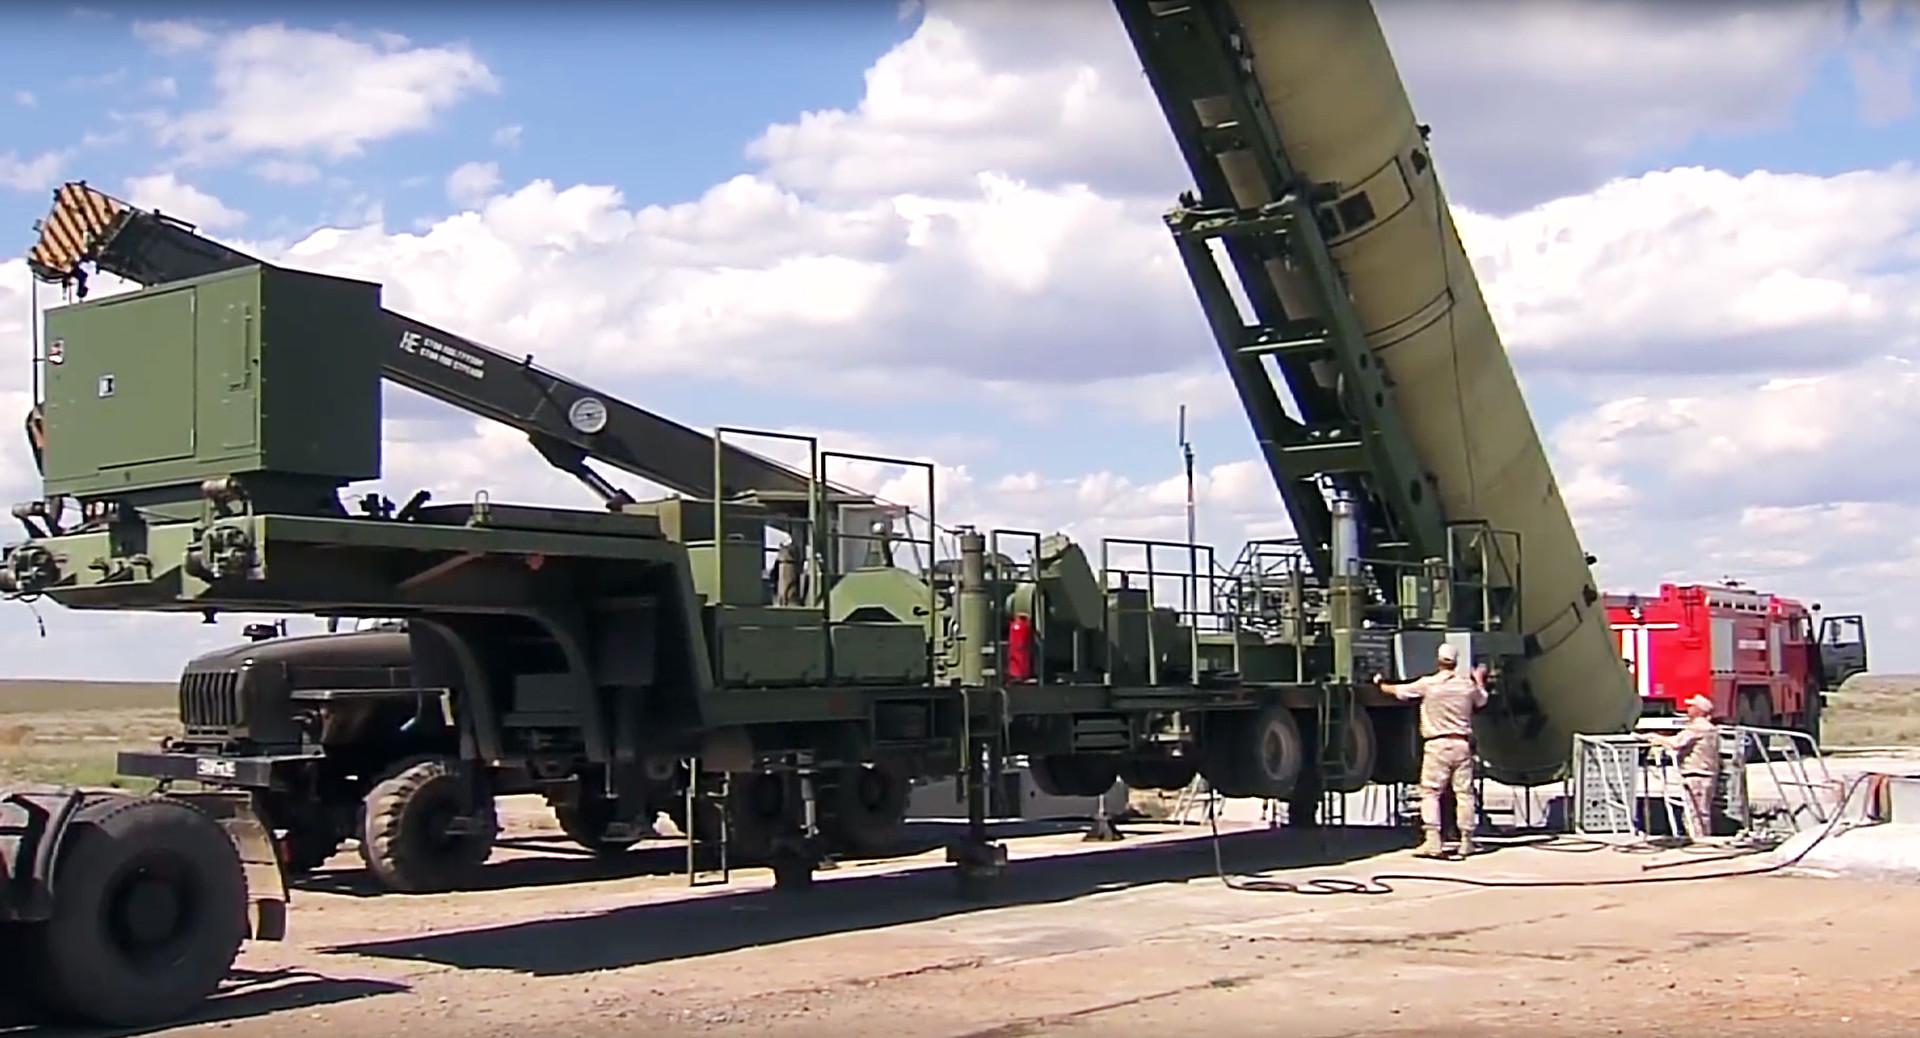 Peluncuran sistem misil antibalistik Rusia di lapangan pengujian Sary-Shagan.